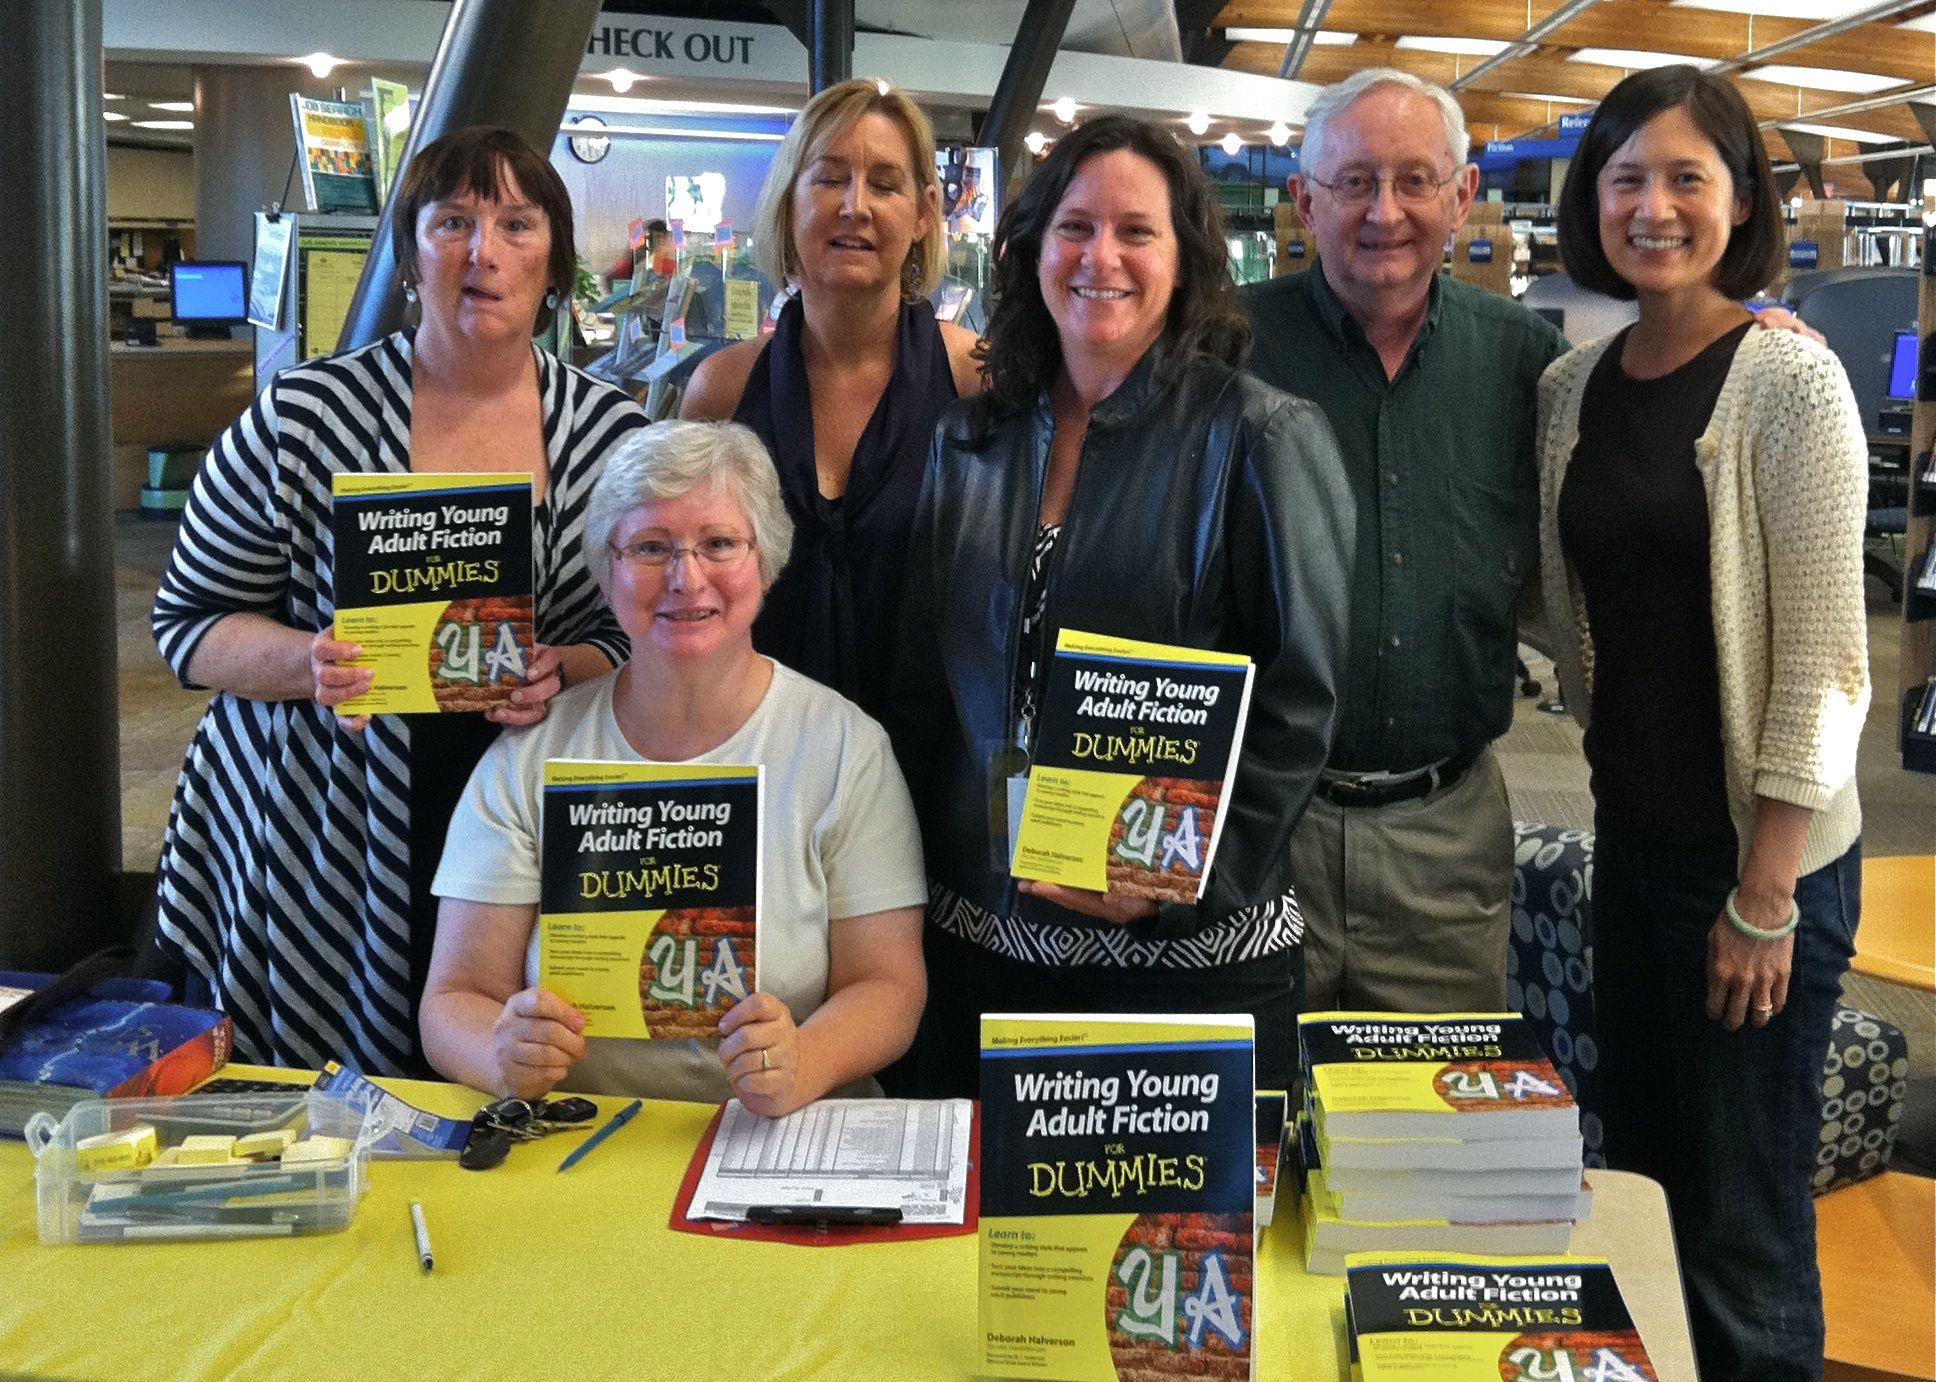 SCPL Book Festival 2011